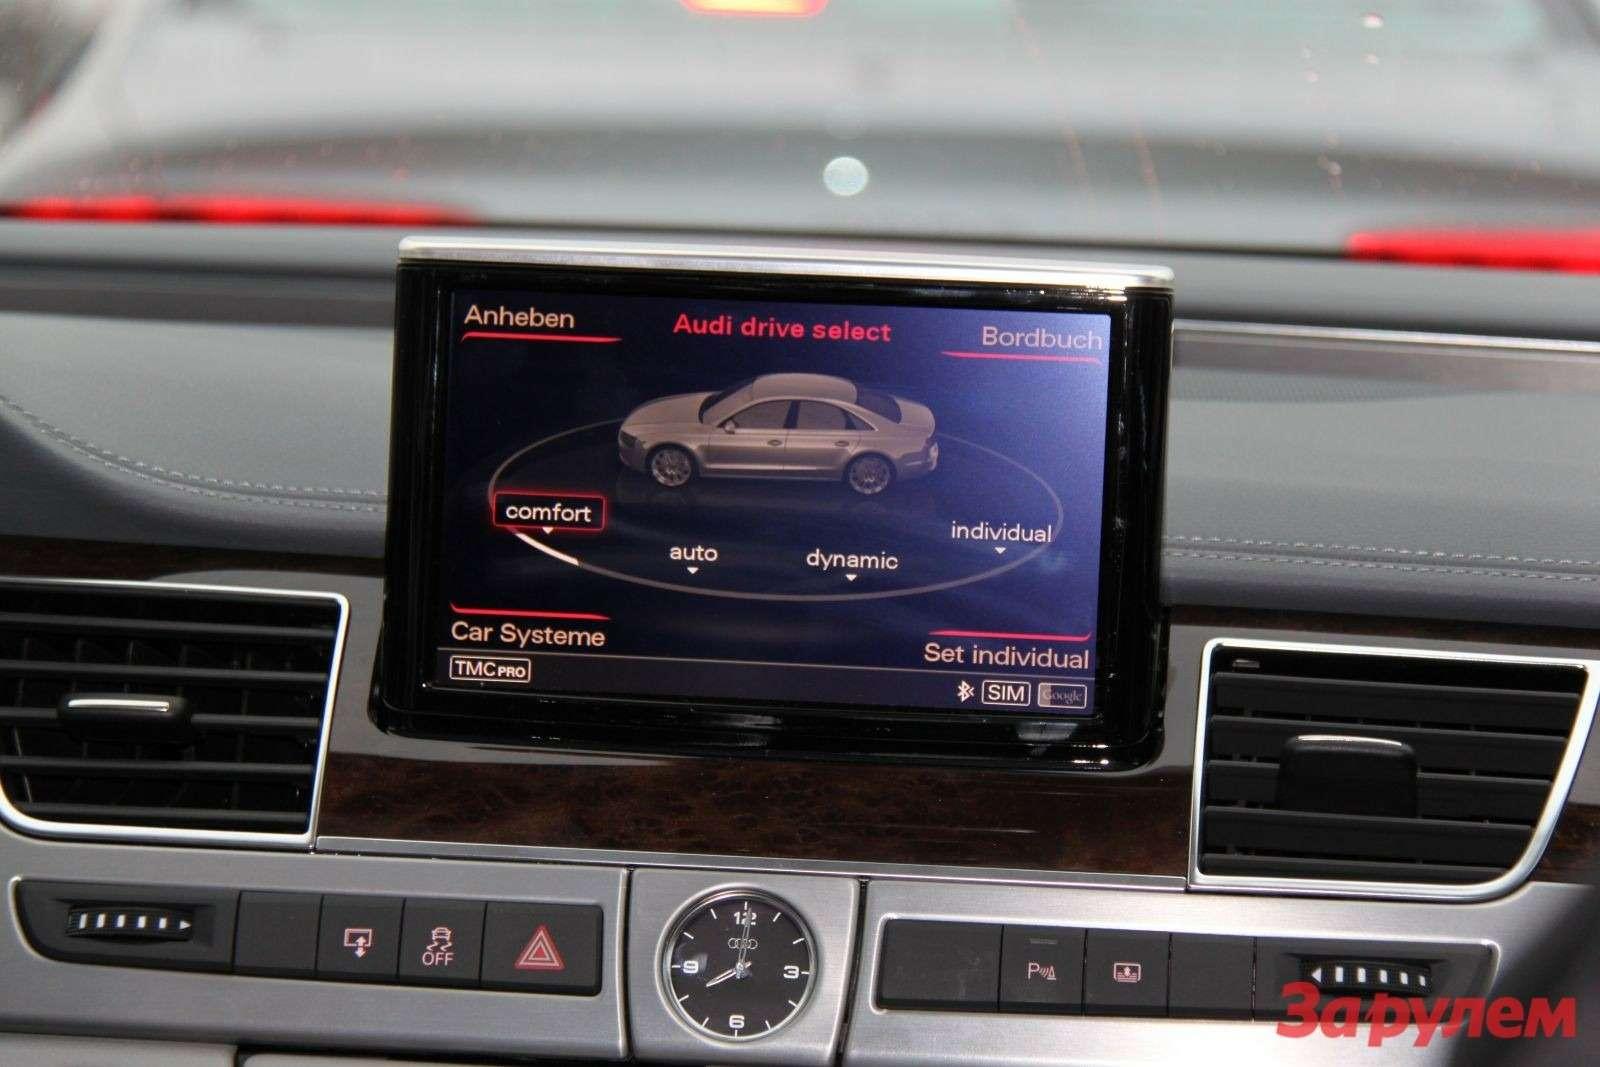 Красный полоски вверху нафото— это тормозит впередиидущий автомобиль.